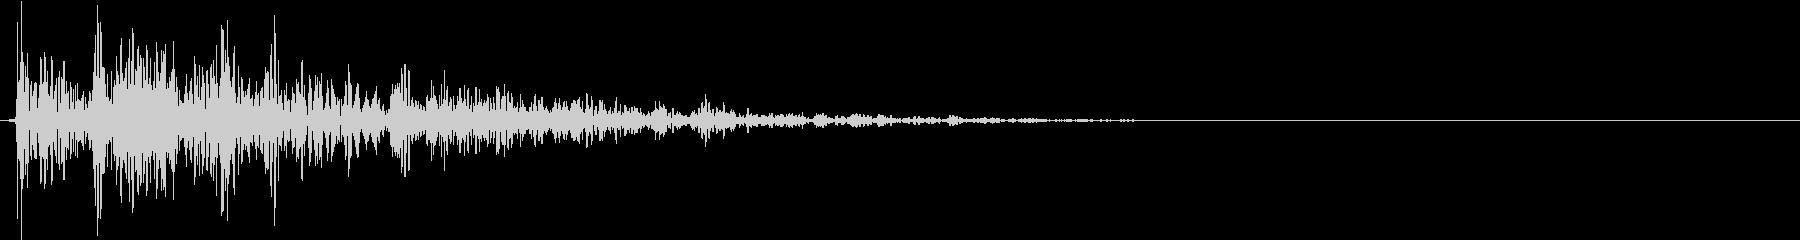 【生録音】プラのトレーを置く音 2の未再生の波形